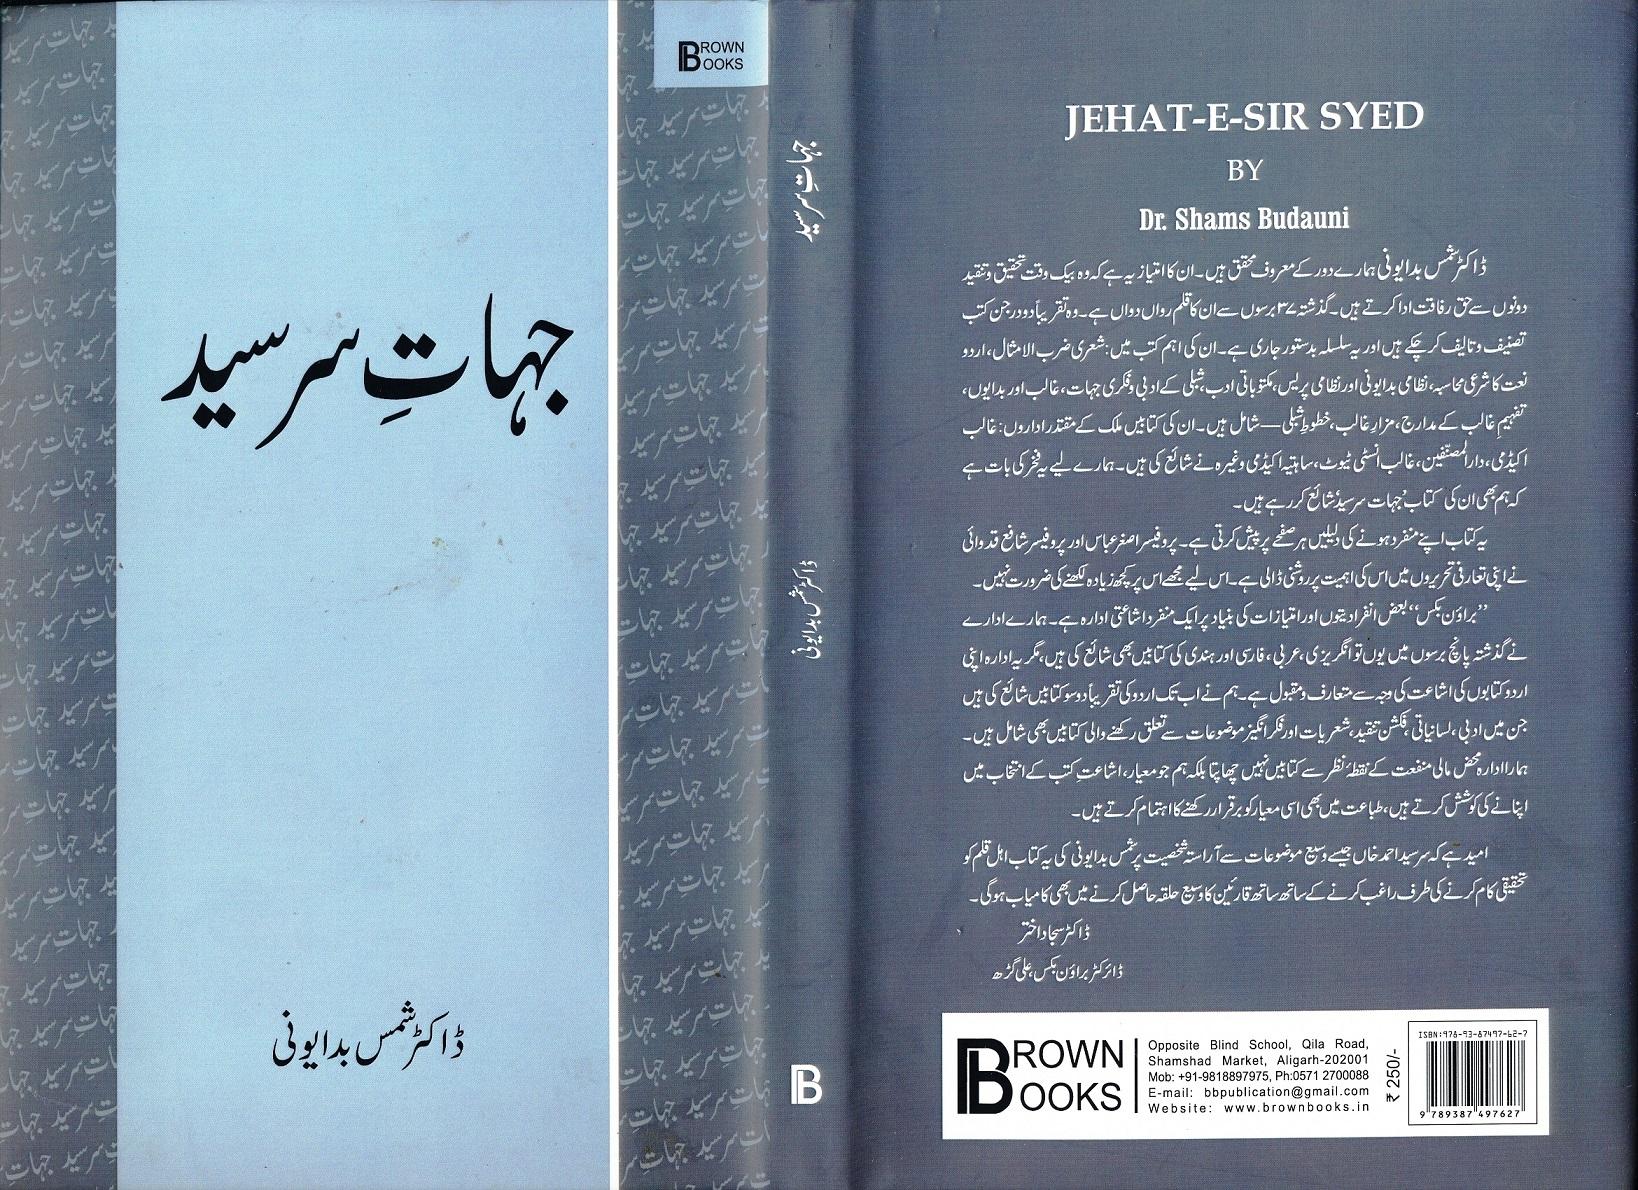 Jihat-e-Sir Syed